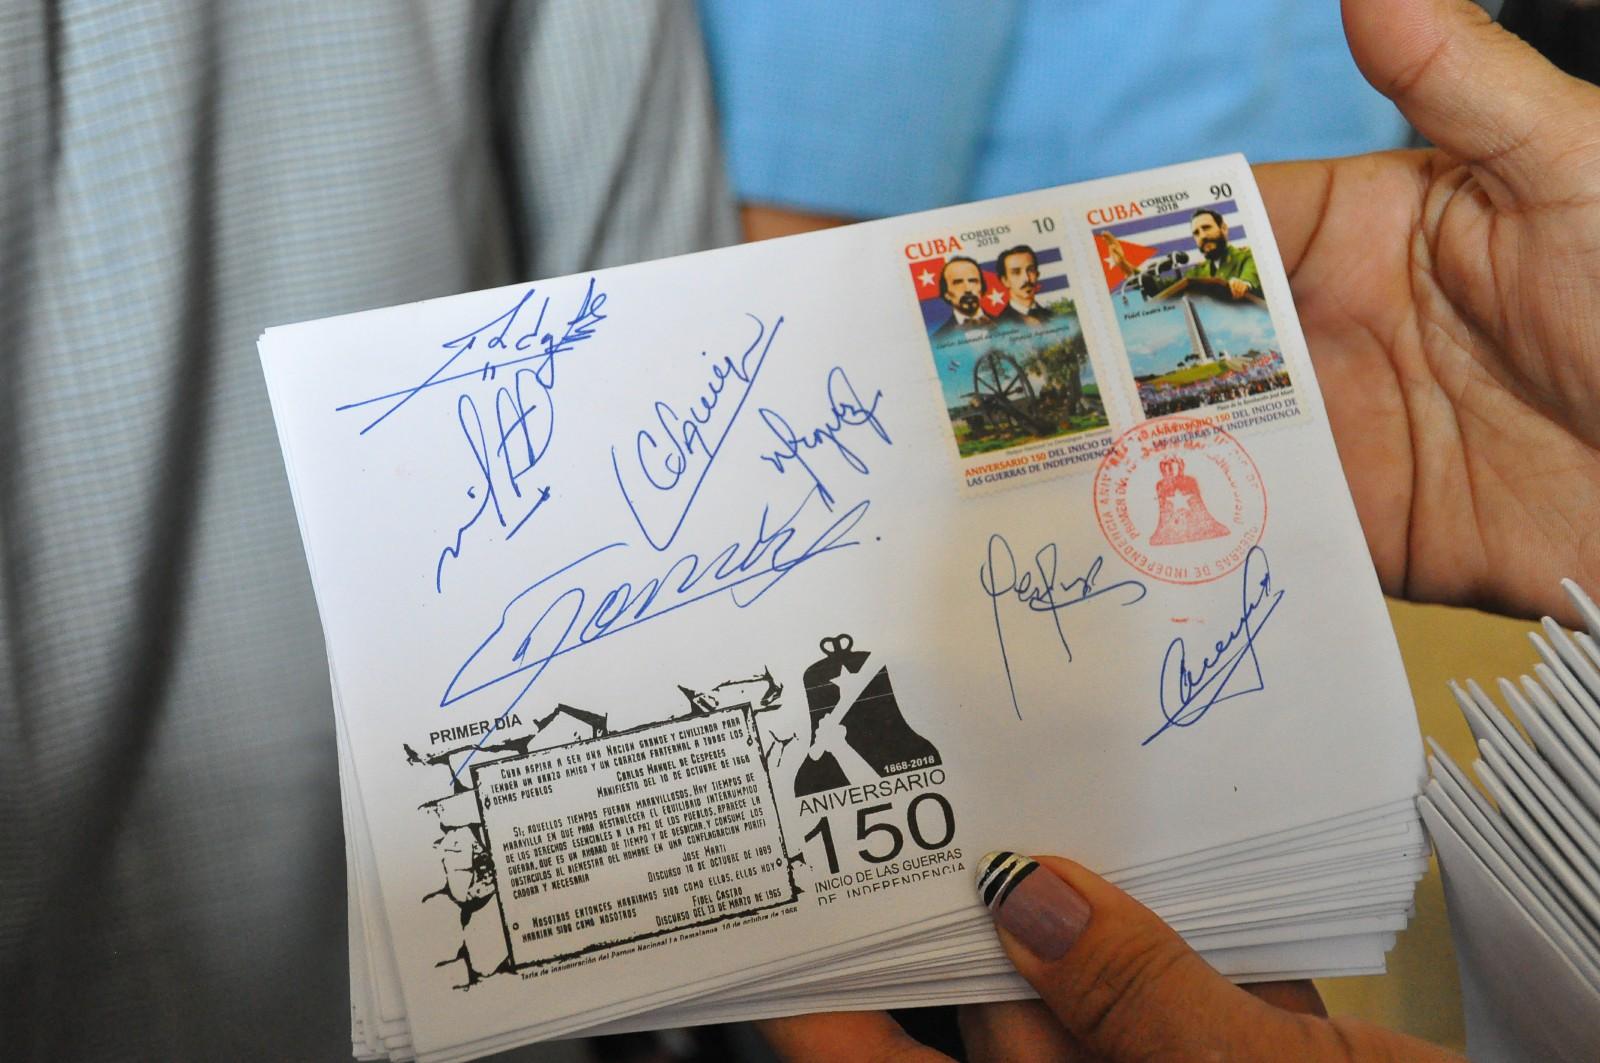 Obsequio postal a protagonistas de gesta independentista cubana (+ fotos)